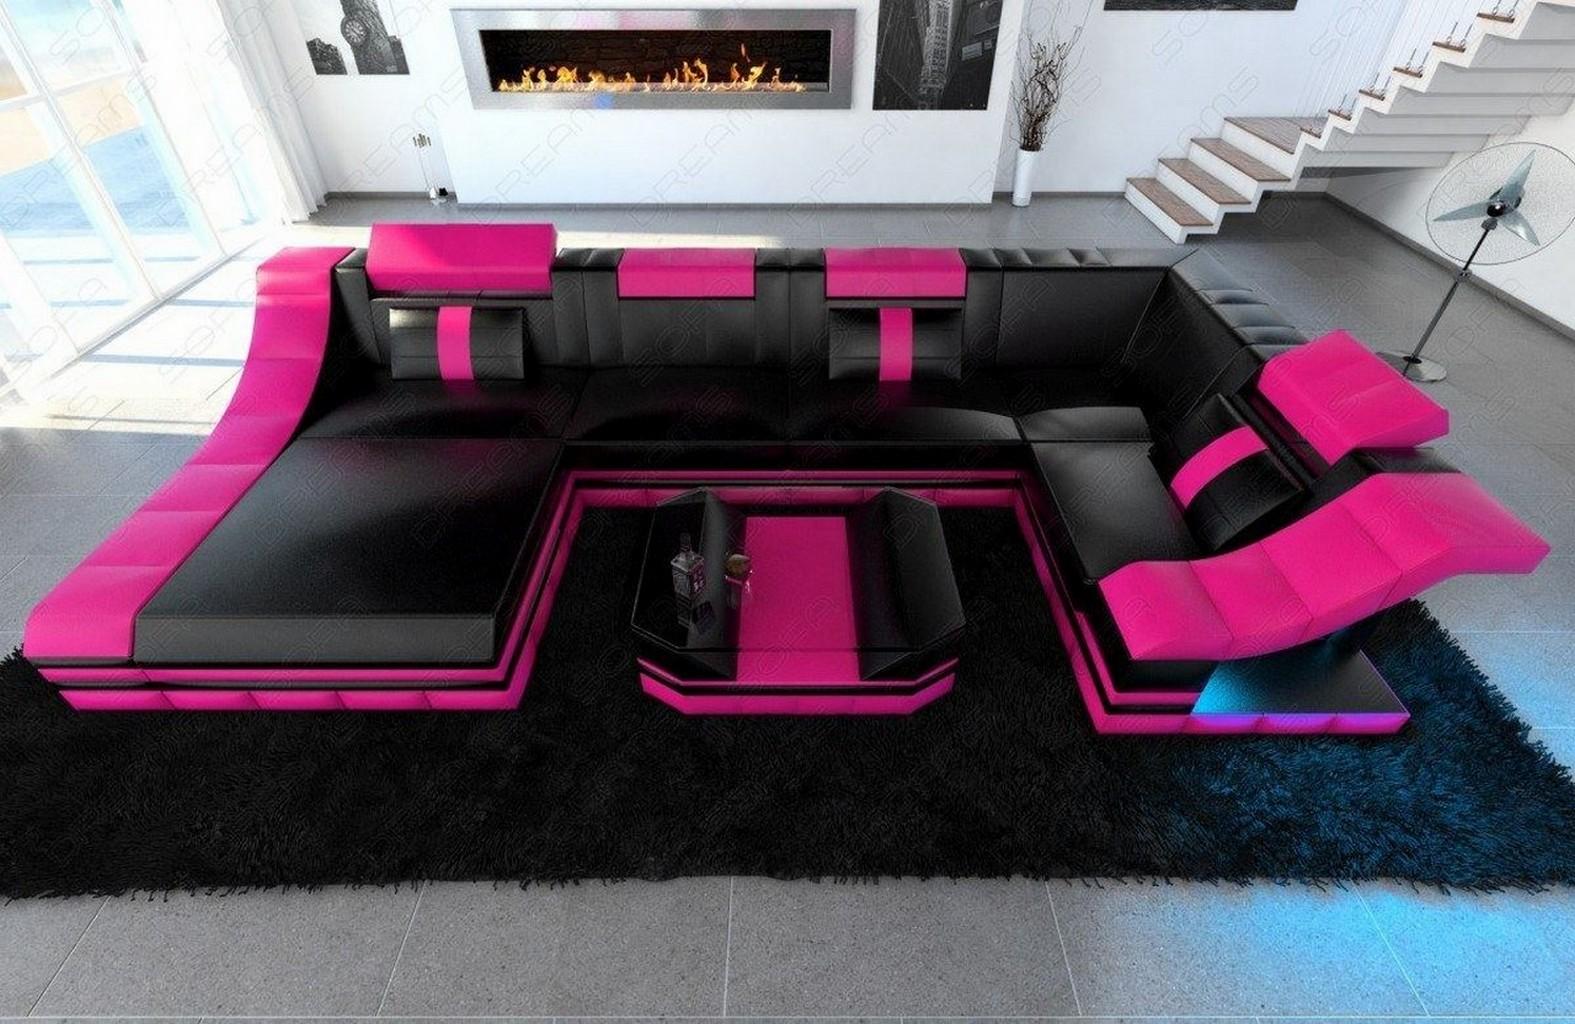 designersofa moderne wohnlandschaft turino u form led rgb beleuchtung eckcouch ebay. Black Bedroom Furniture Sets. Home Design Ideas